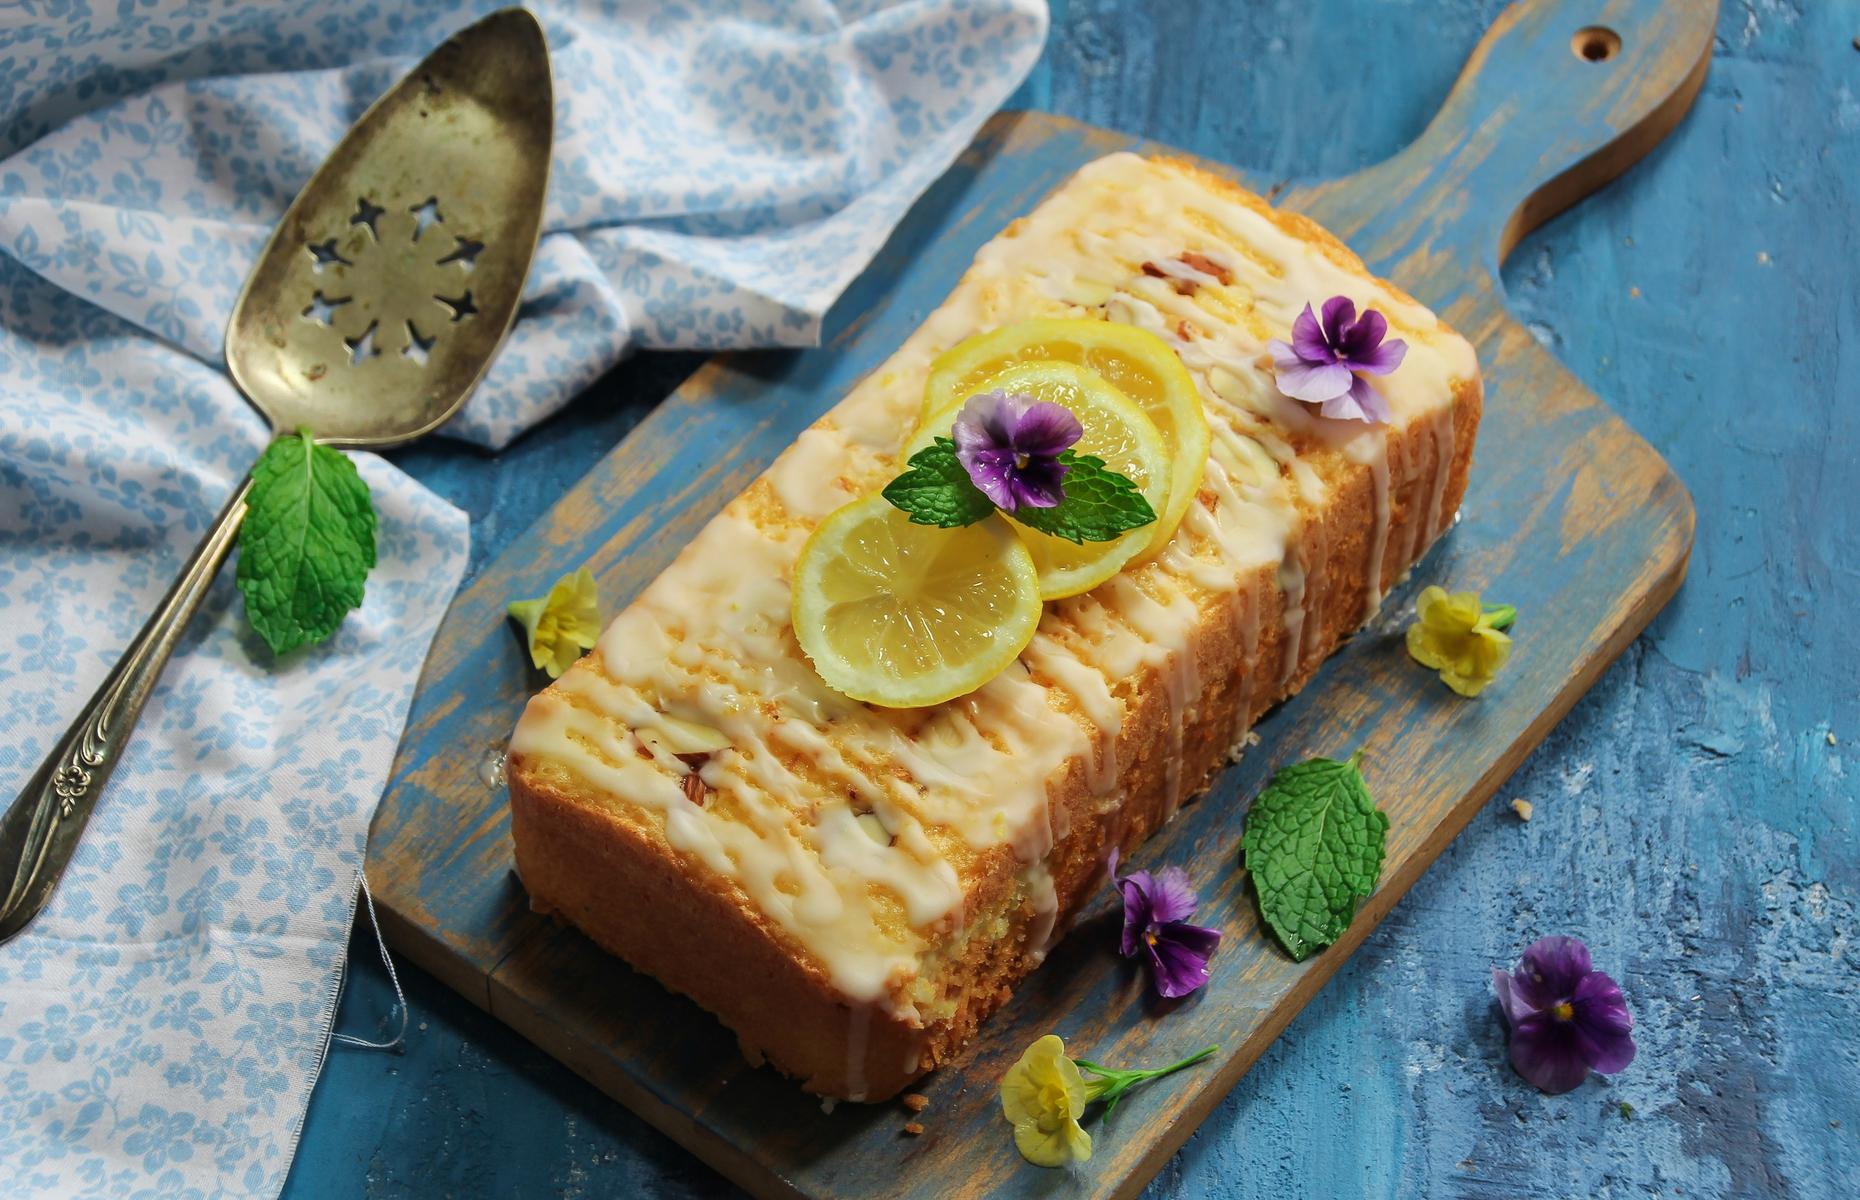 Lemon drizzle cake (Image: vm2002/Shutterstock)